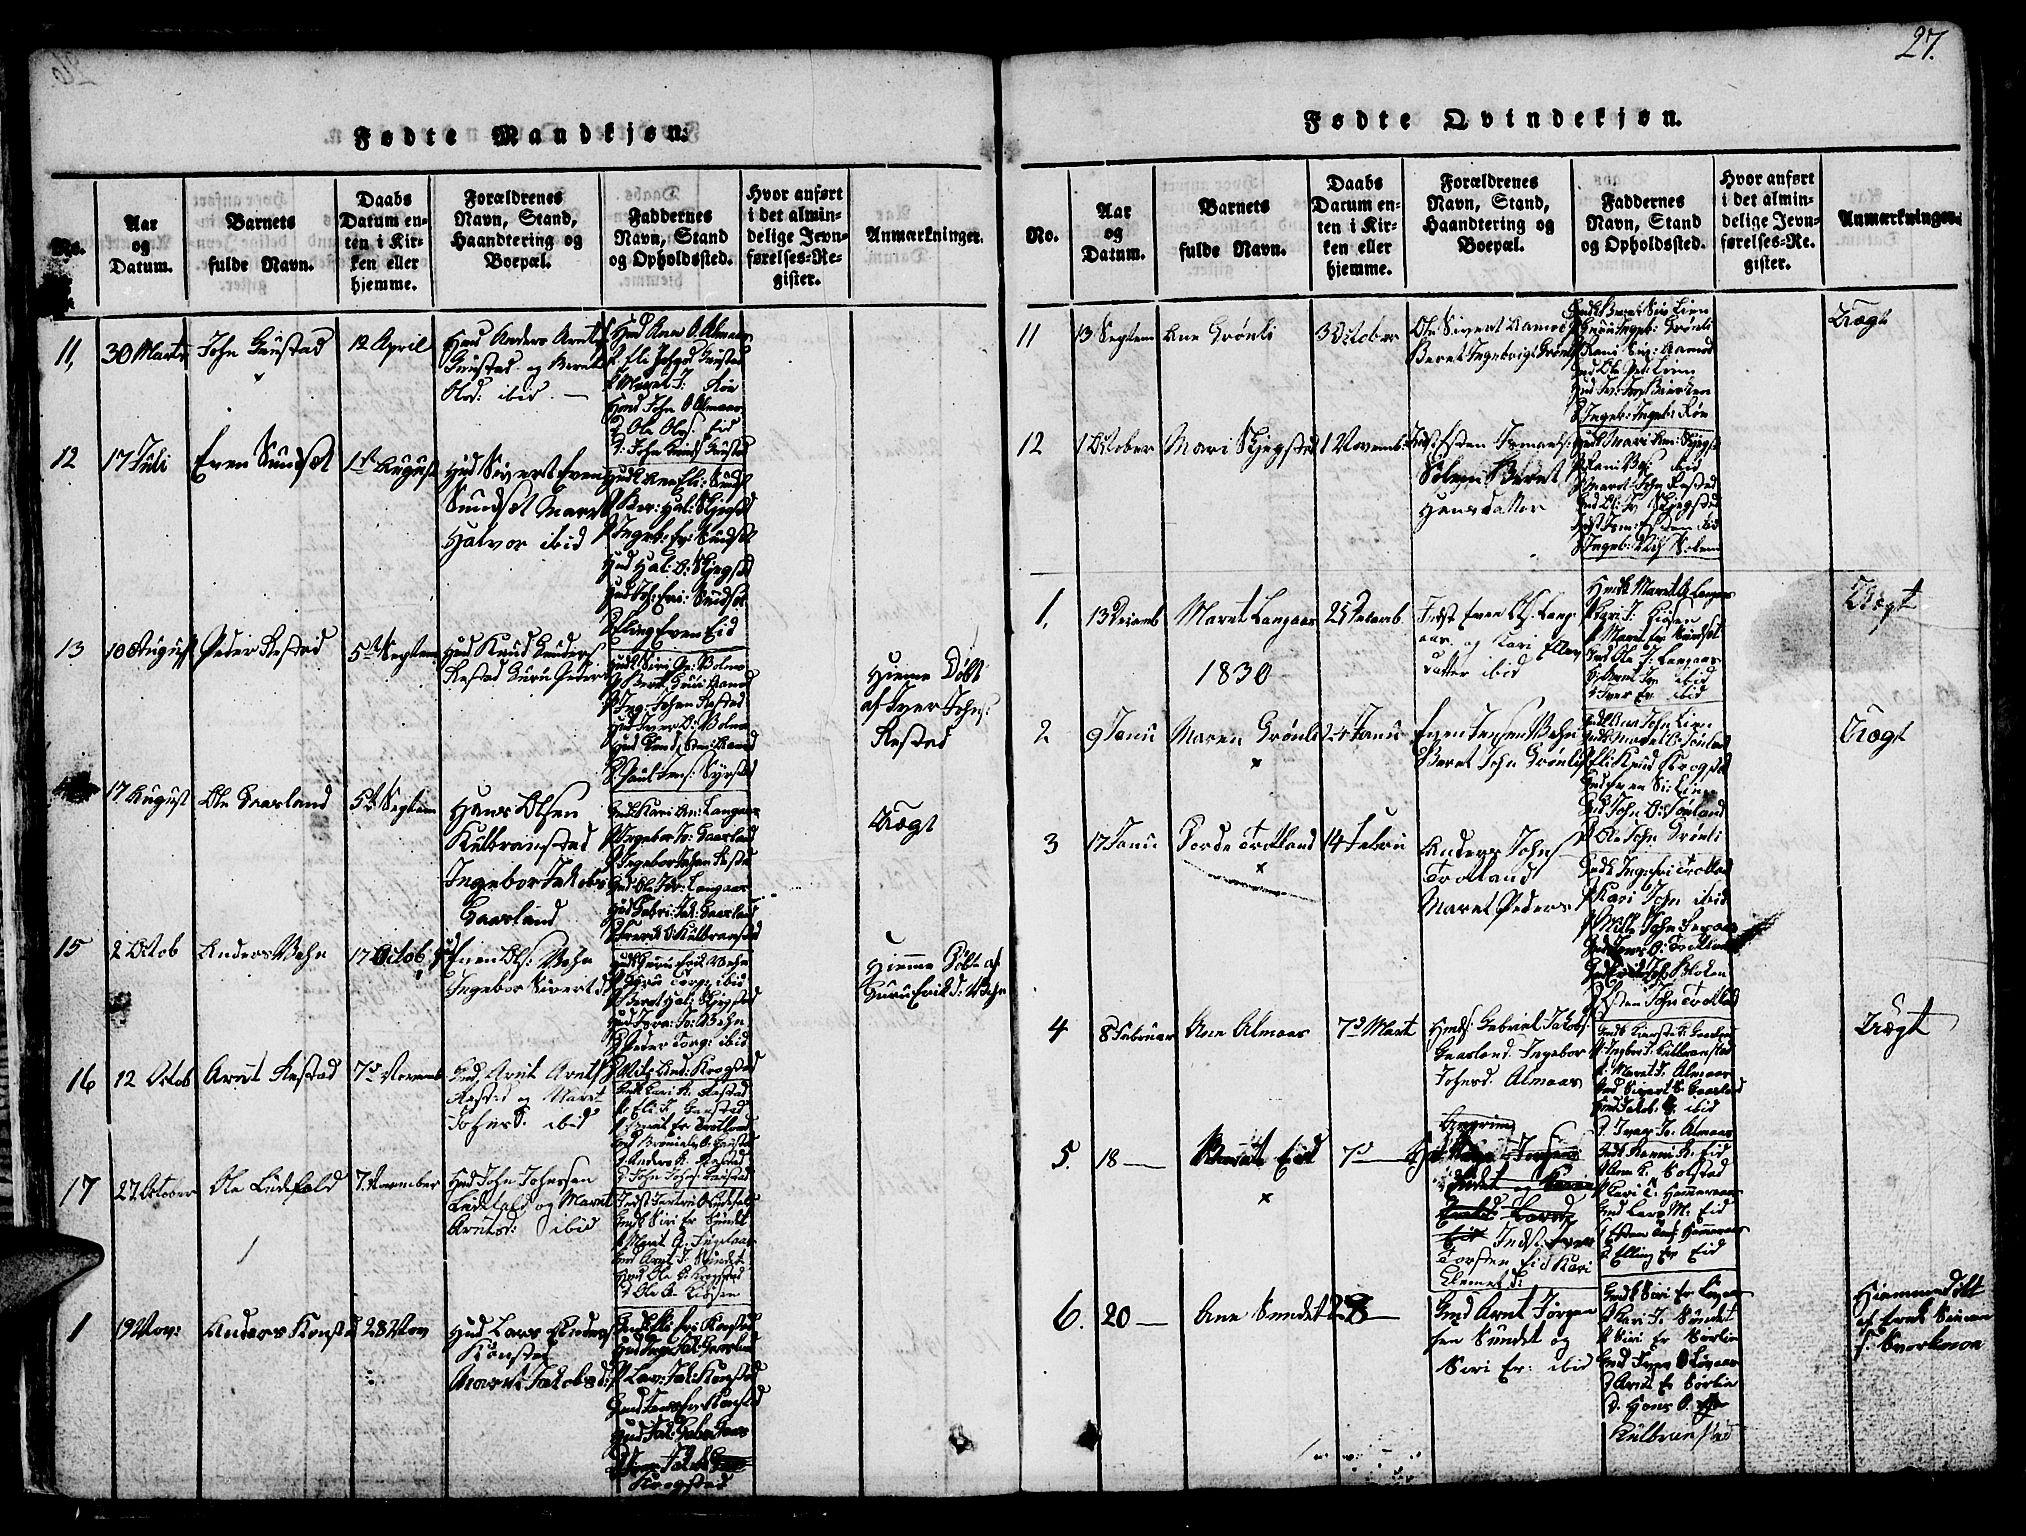 SAT, Ministerialprotokoller, klokkerbøker og fødselsregistre - Sør-Trøndelag, 694/L1130: Klokkerbok nr. 694C02, 1816-1857, s. 27